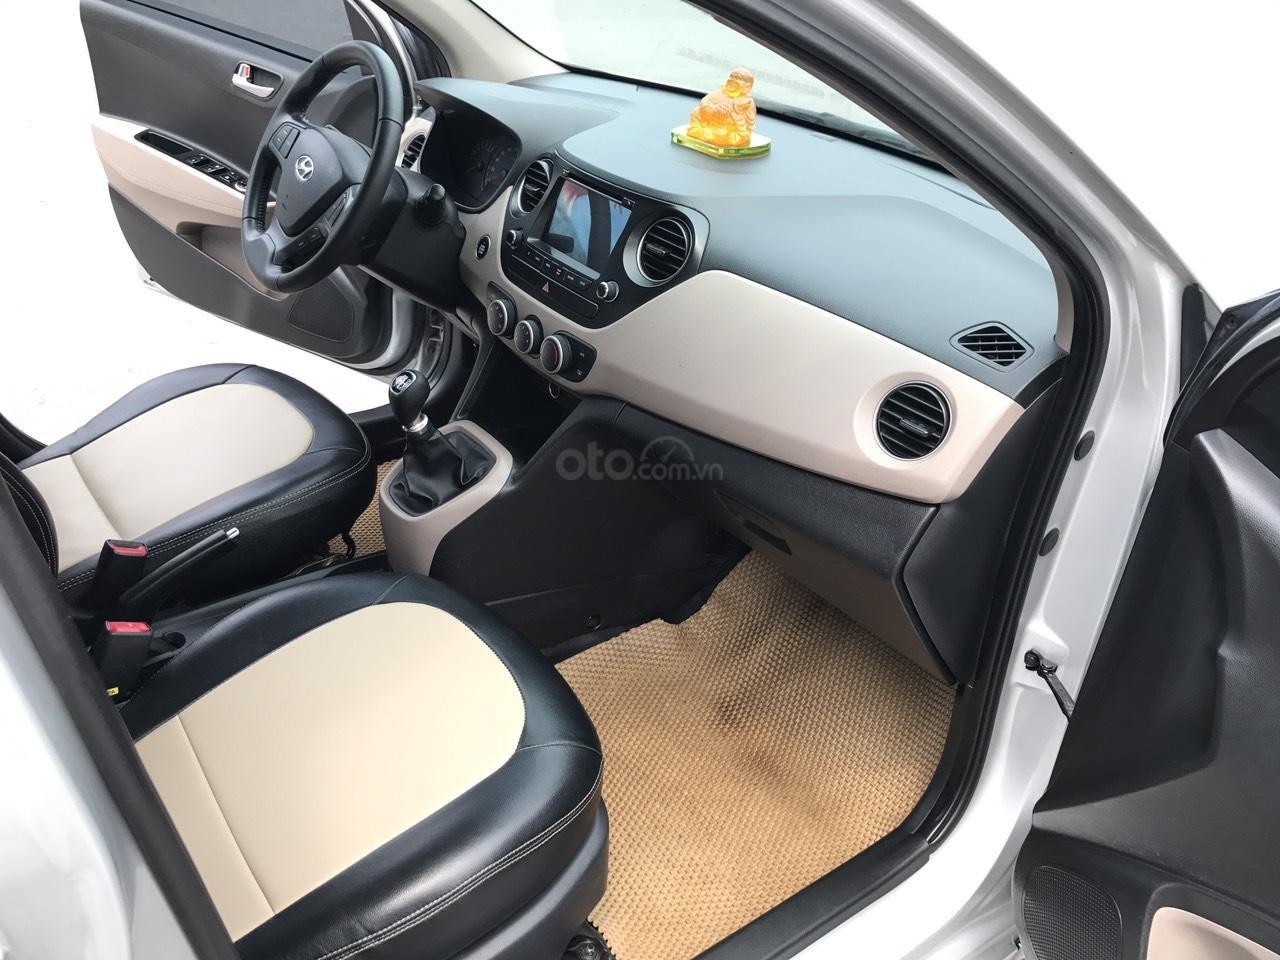 Cần bán xe Hyundai Grand i10 1.2 Sport 2016, màu bạc, nhập khẩu, siêu lướt-6